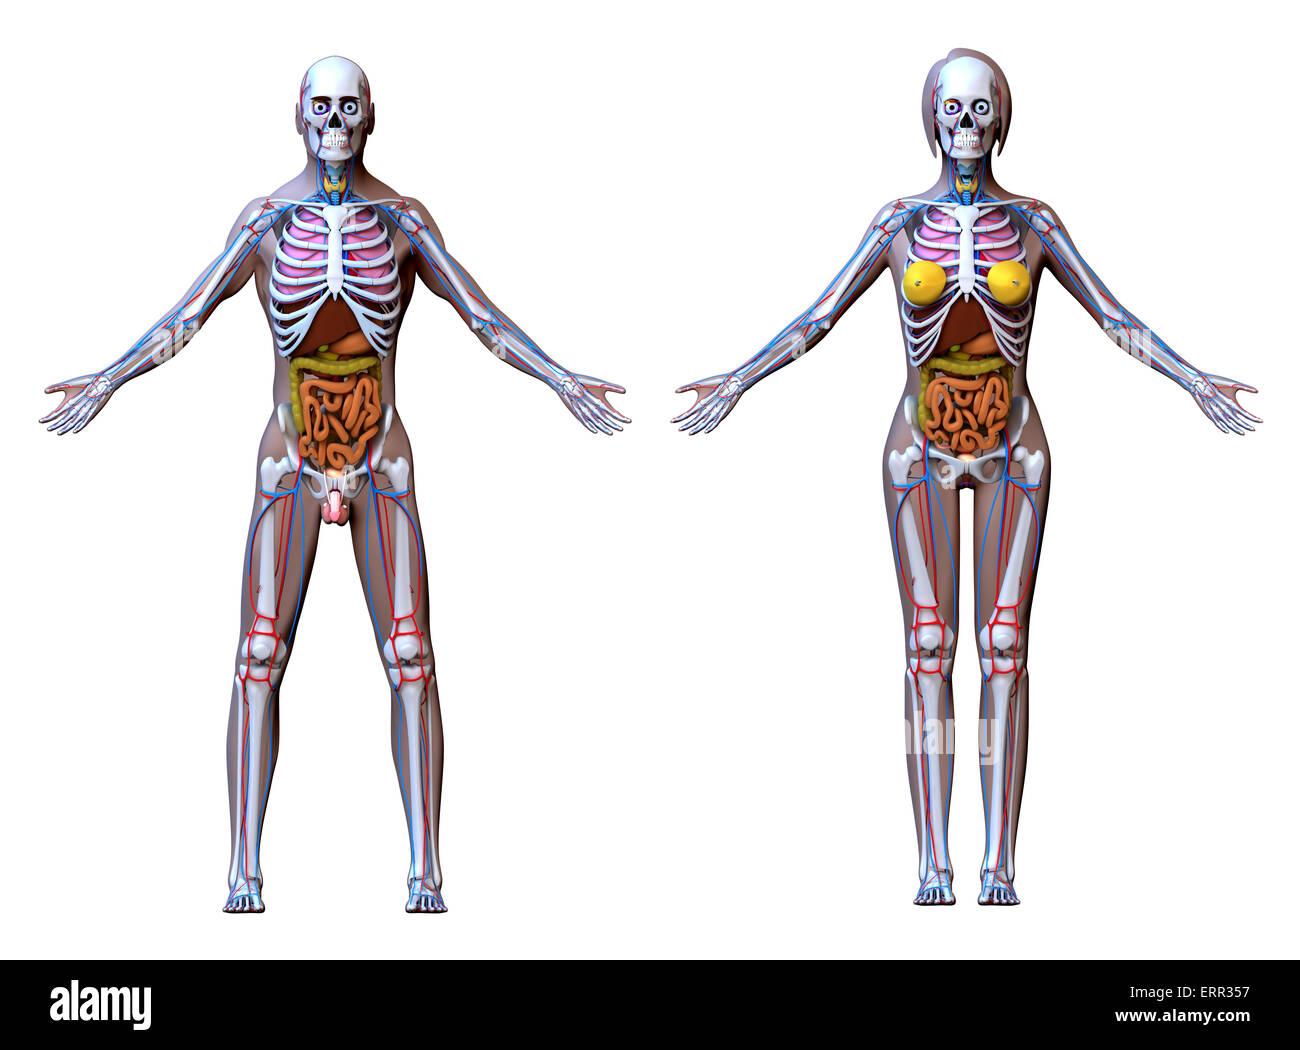 Ziemlich Körperbewegung Anatomie Bilder - Anatomie Ideen - finotti.info